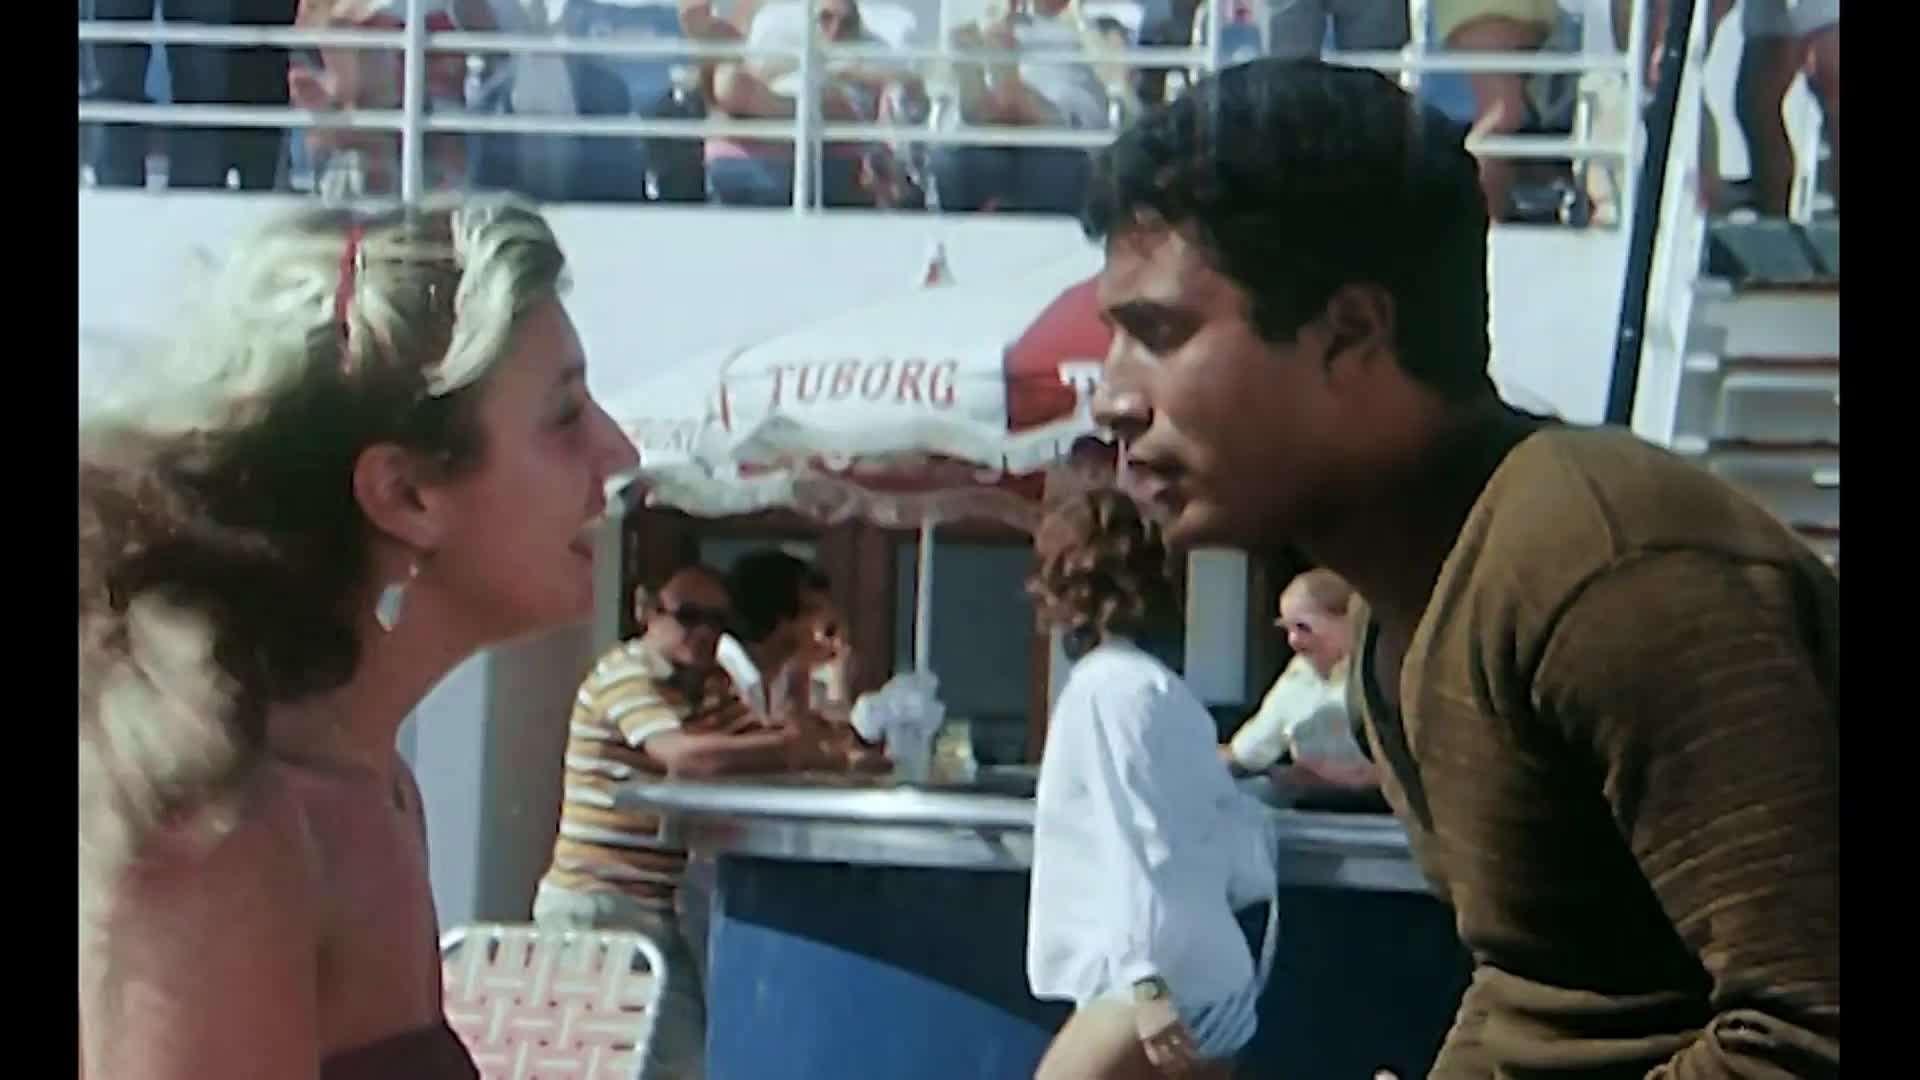 [فيلم][تورنت][تحميل][النمر الأسود][1984][1080p][Web-DL] 4 arabp2p.com